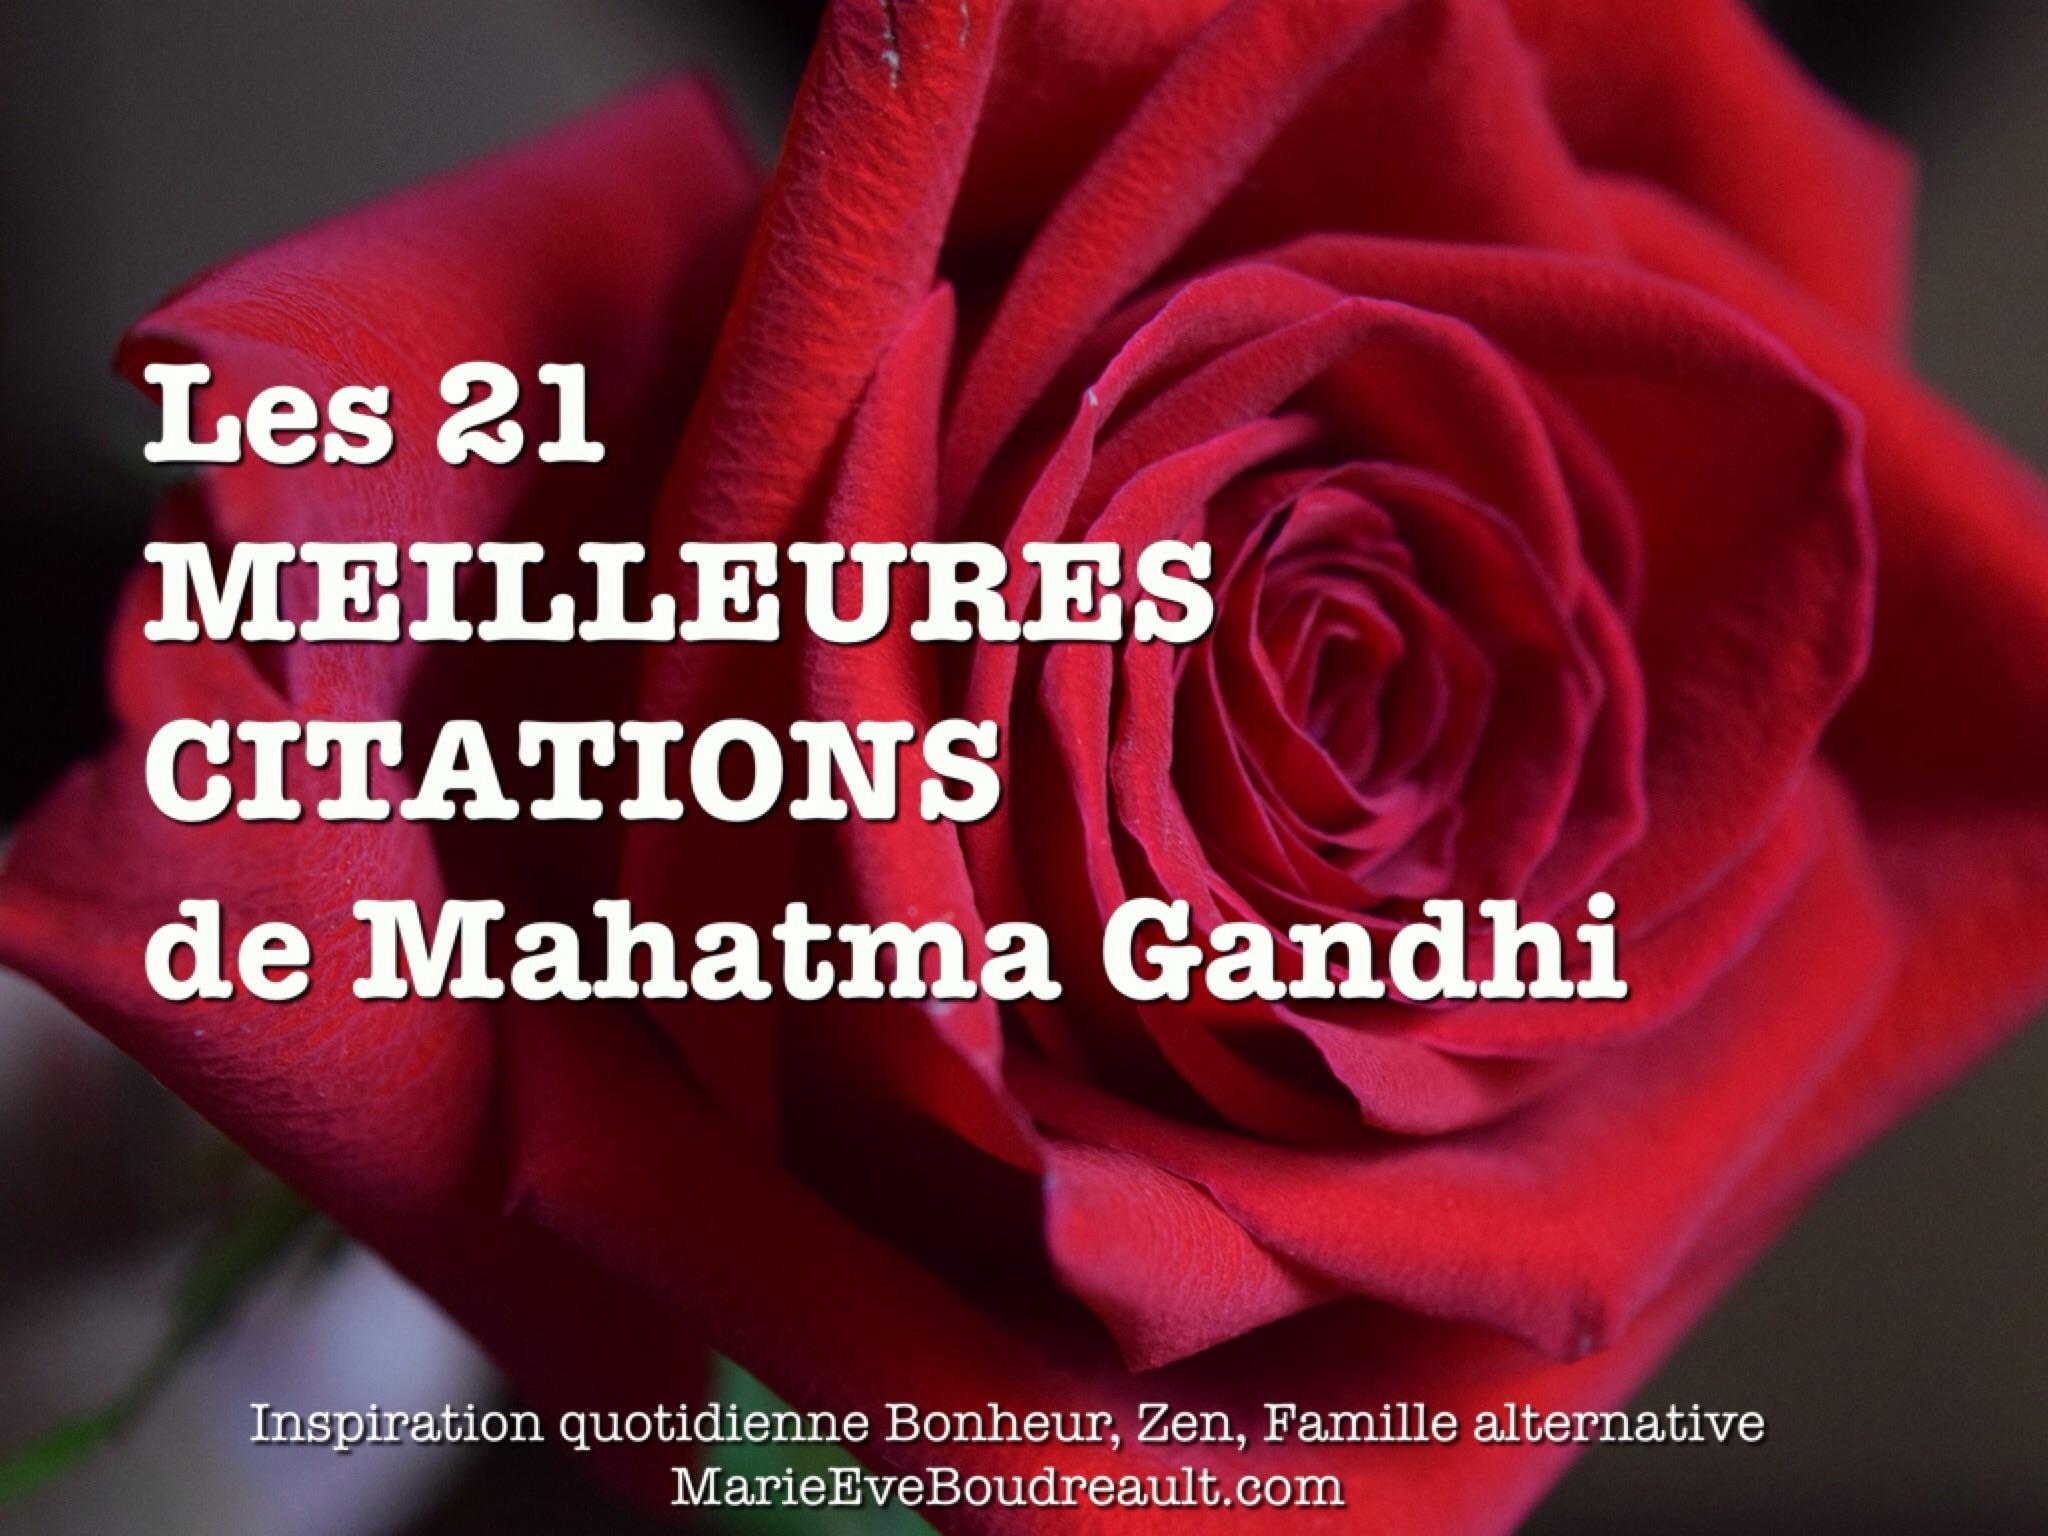 877bda53a0f8 meilleures citations mahatma gandhi blog article image vie zen bonheur sois  le changement que tu veux